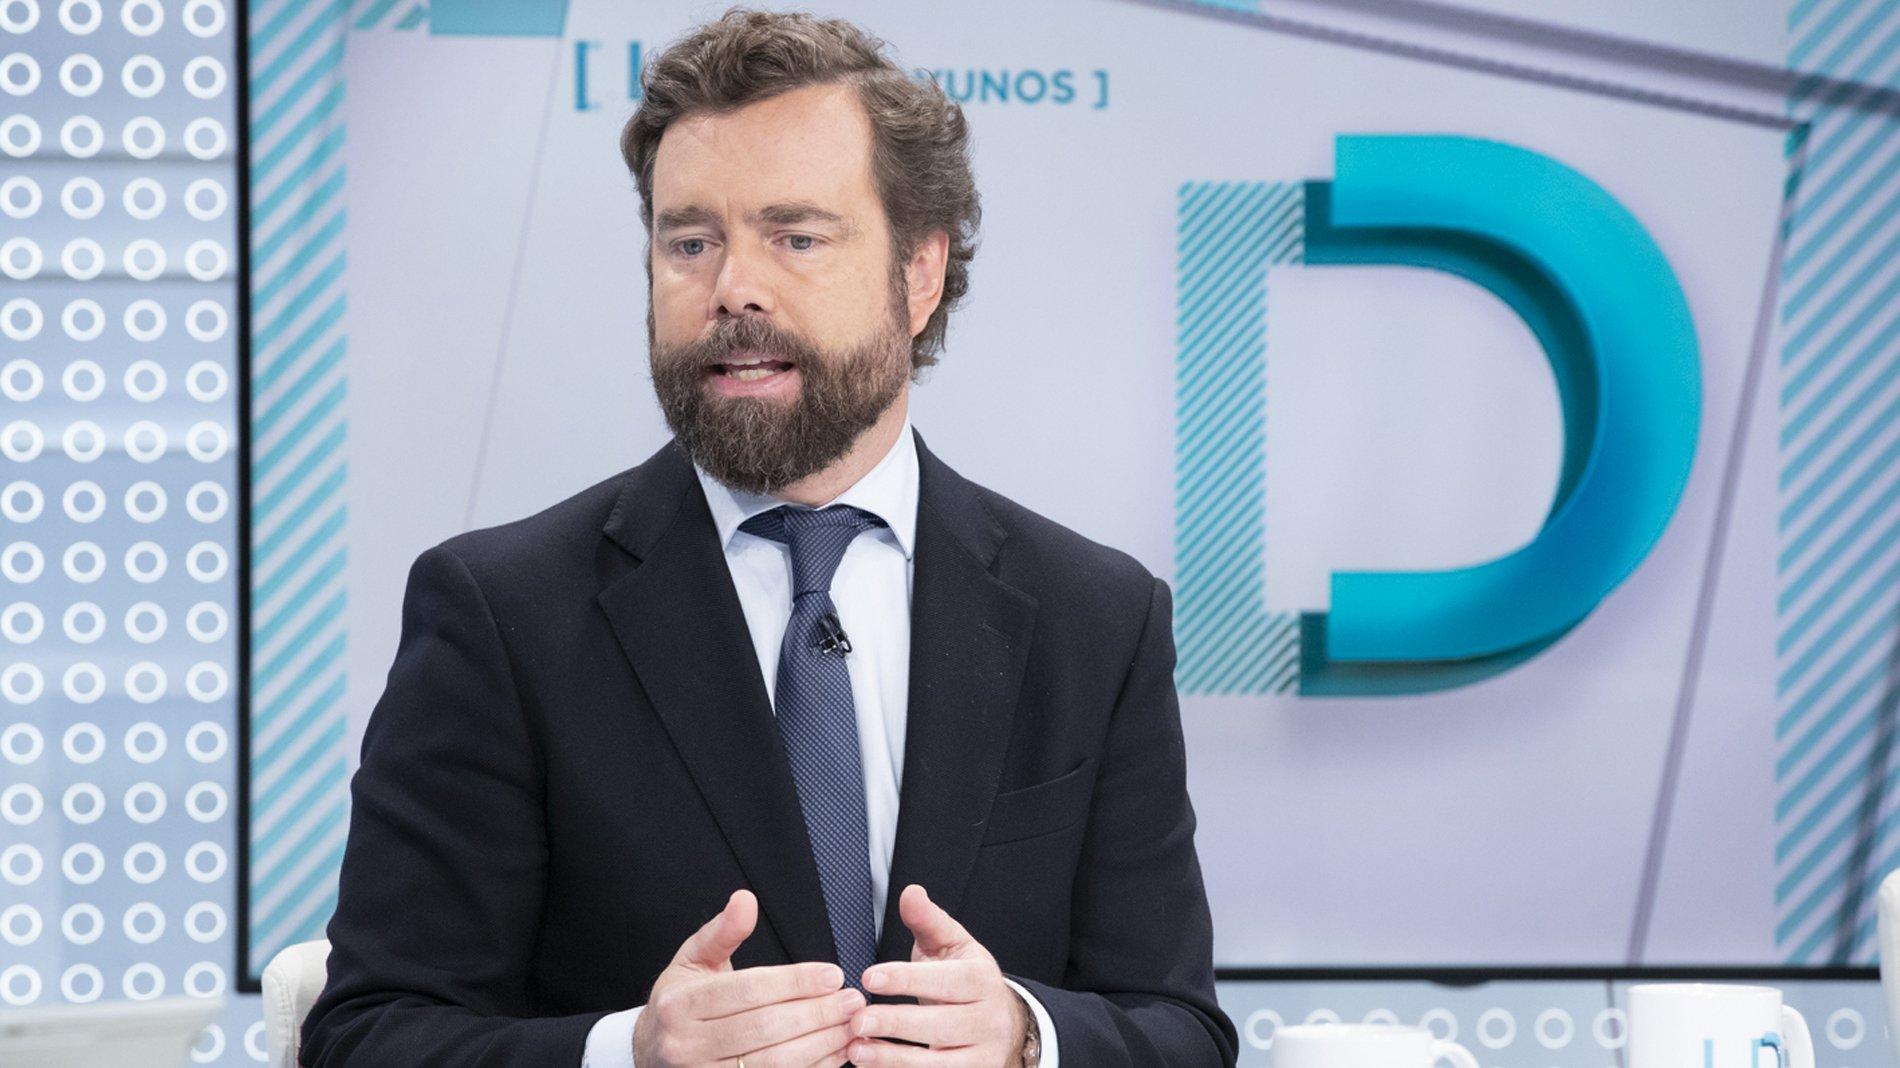 PIN parental. Progres enloquecidos: RTVE manipula al portavoz parlamentario de Vox, Espinosa de los Monteros